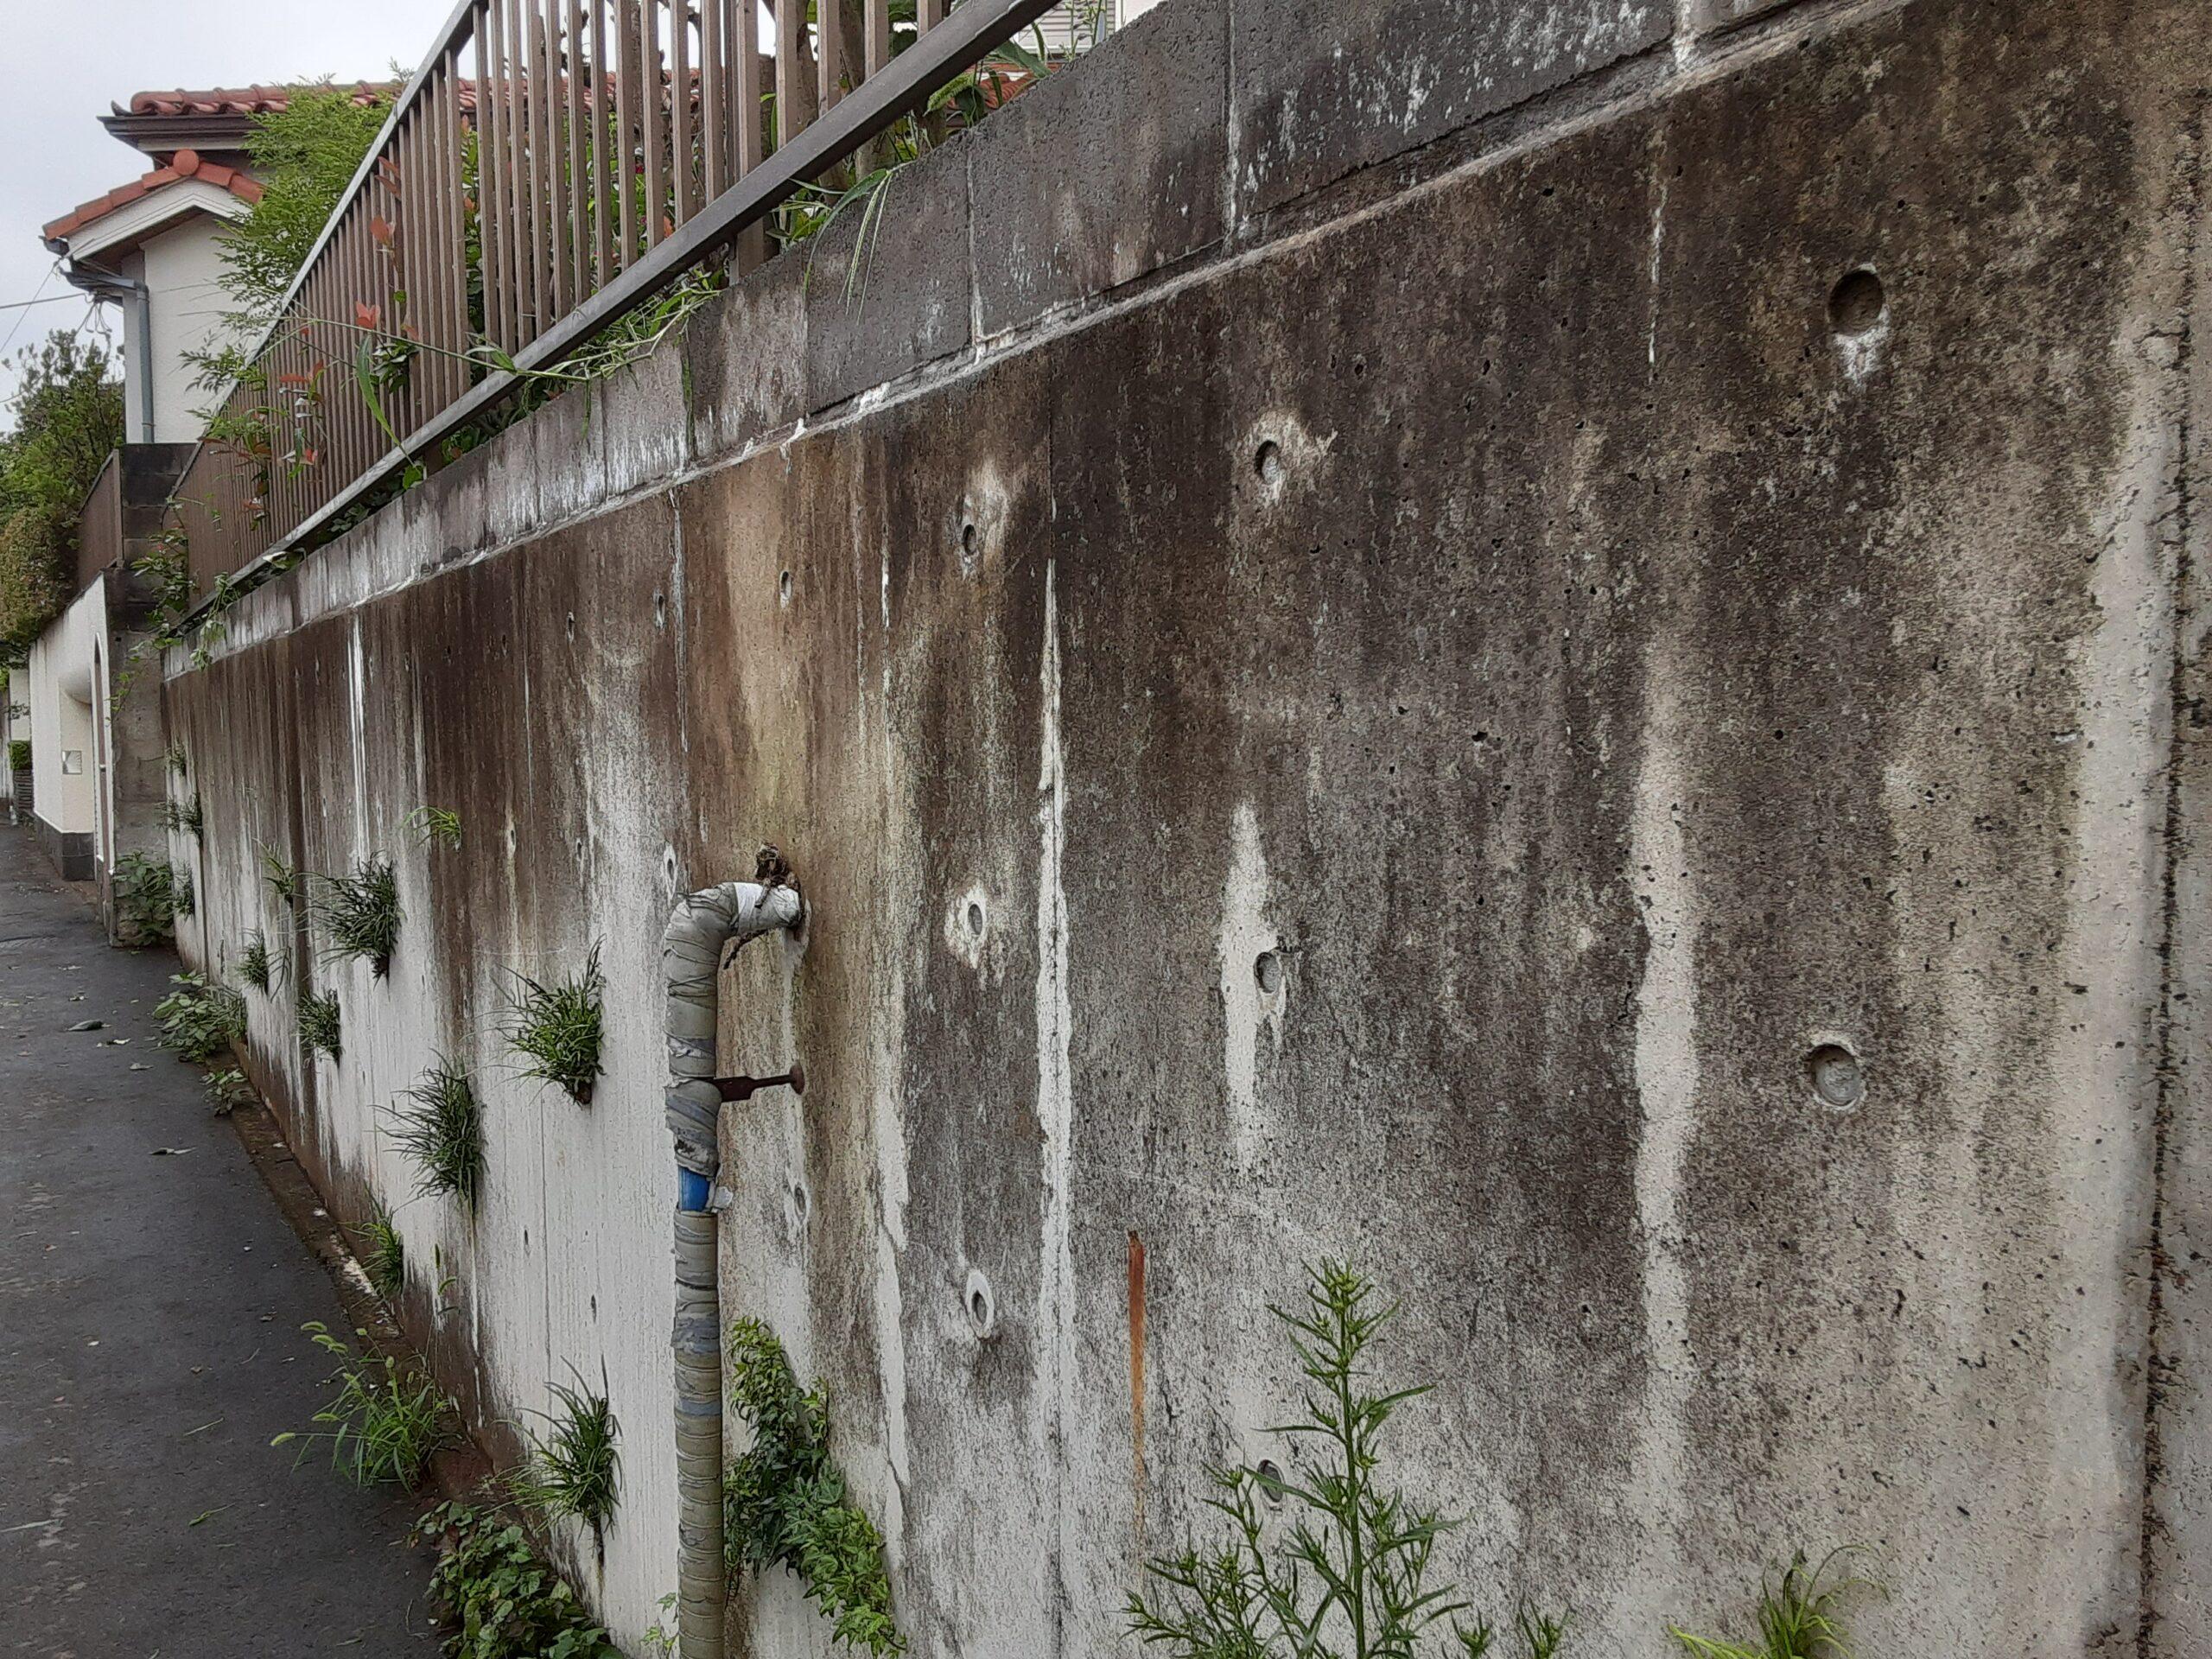 さいたま市浦和区のN様邸(木造2階建て)にて門塀の高圧洗浄